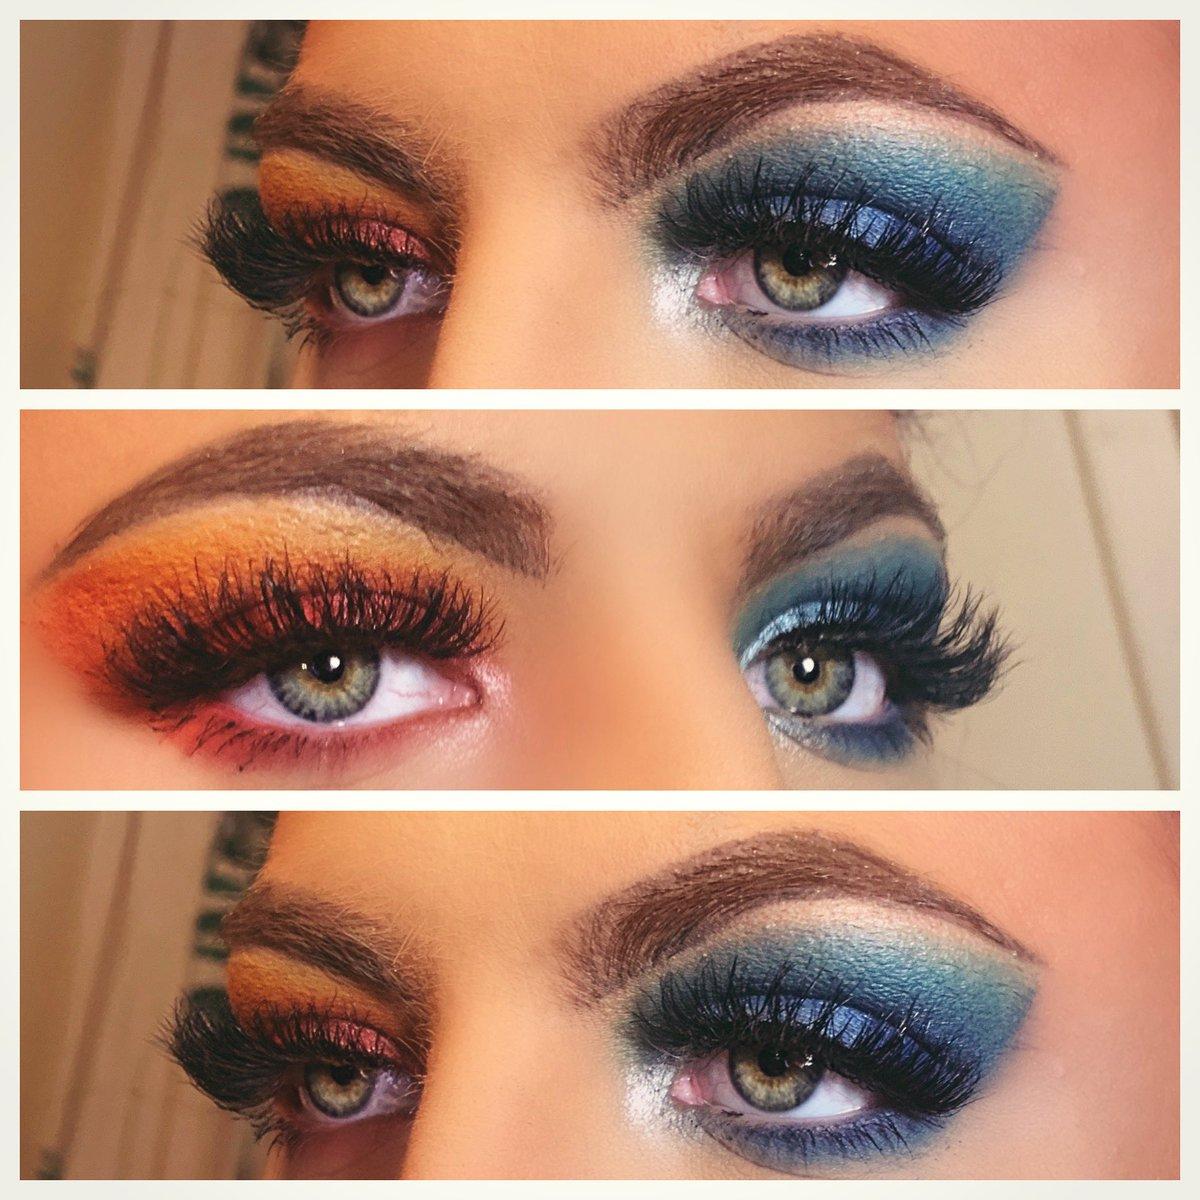 Fire & Ice 🔥❄️ @jamescharles  #makeupartist #jamescharlespalette